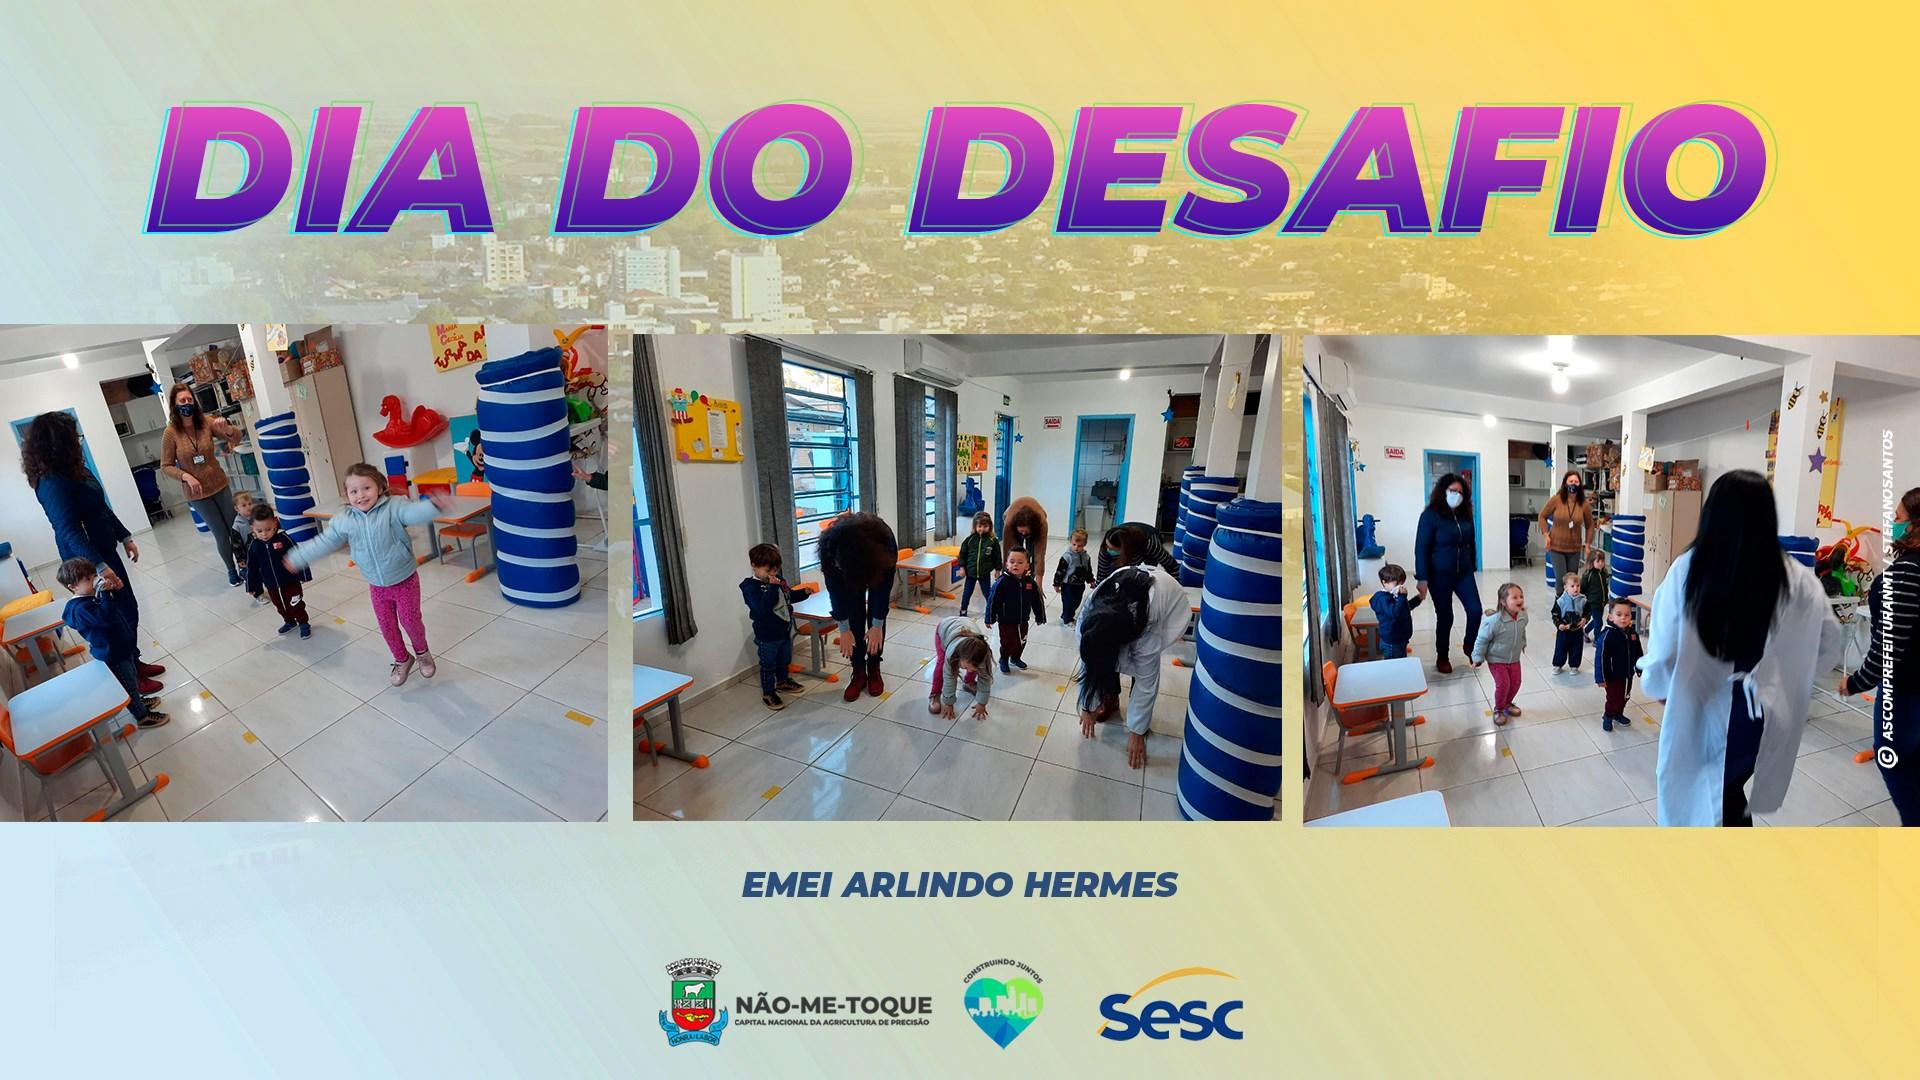 Dia do Desafio promove a atividade física pela cidade hoje, dia 26